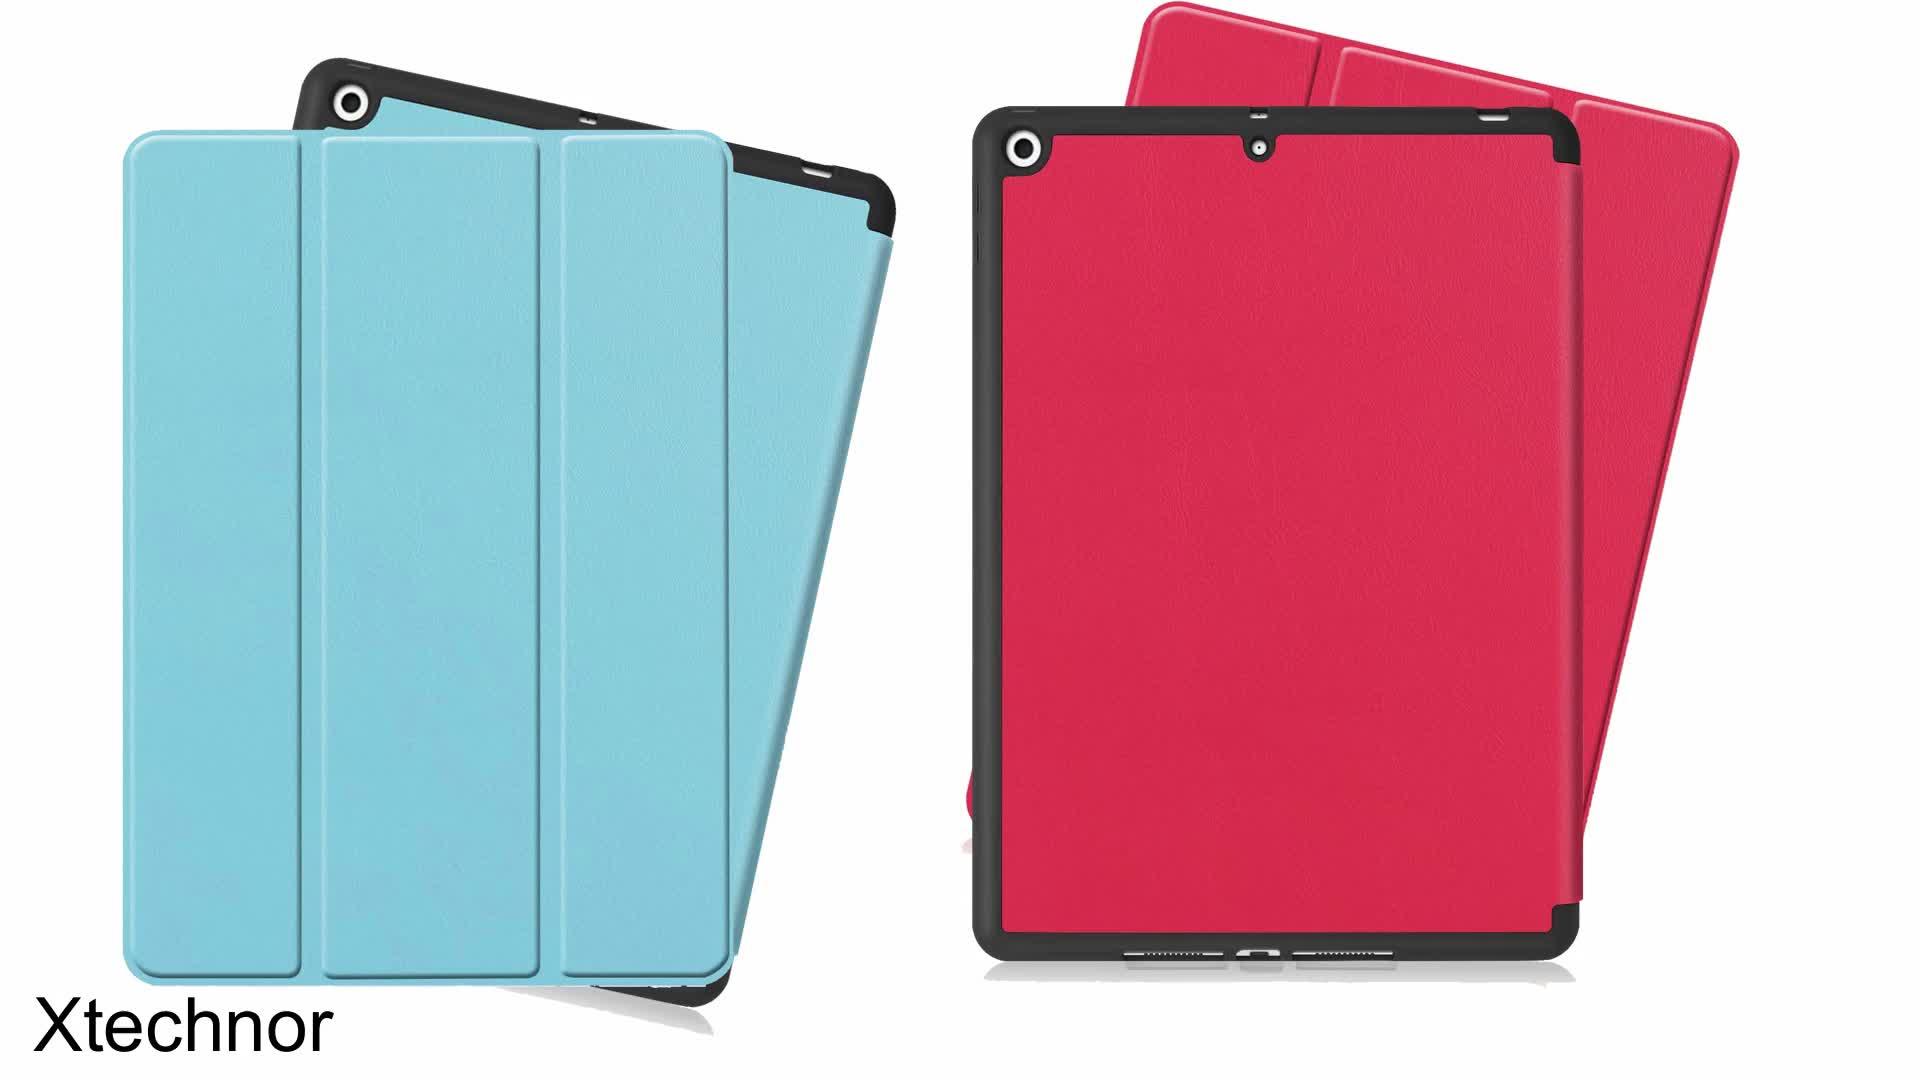 Bảo Vệ Thông Minh Bìa Với Pen Chủ Magnetic Auto Wake & Ngủ Chức Năng Cho Ipad 10.2 Trường Hợp Da Tablet Bìa